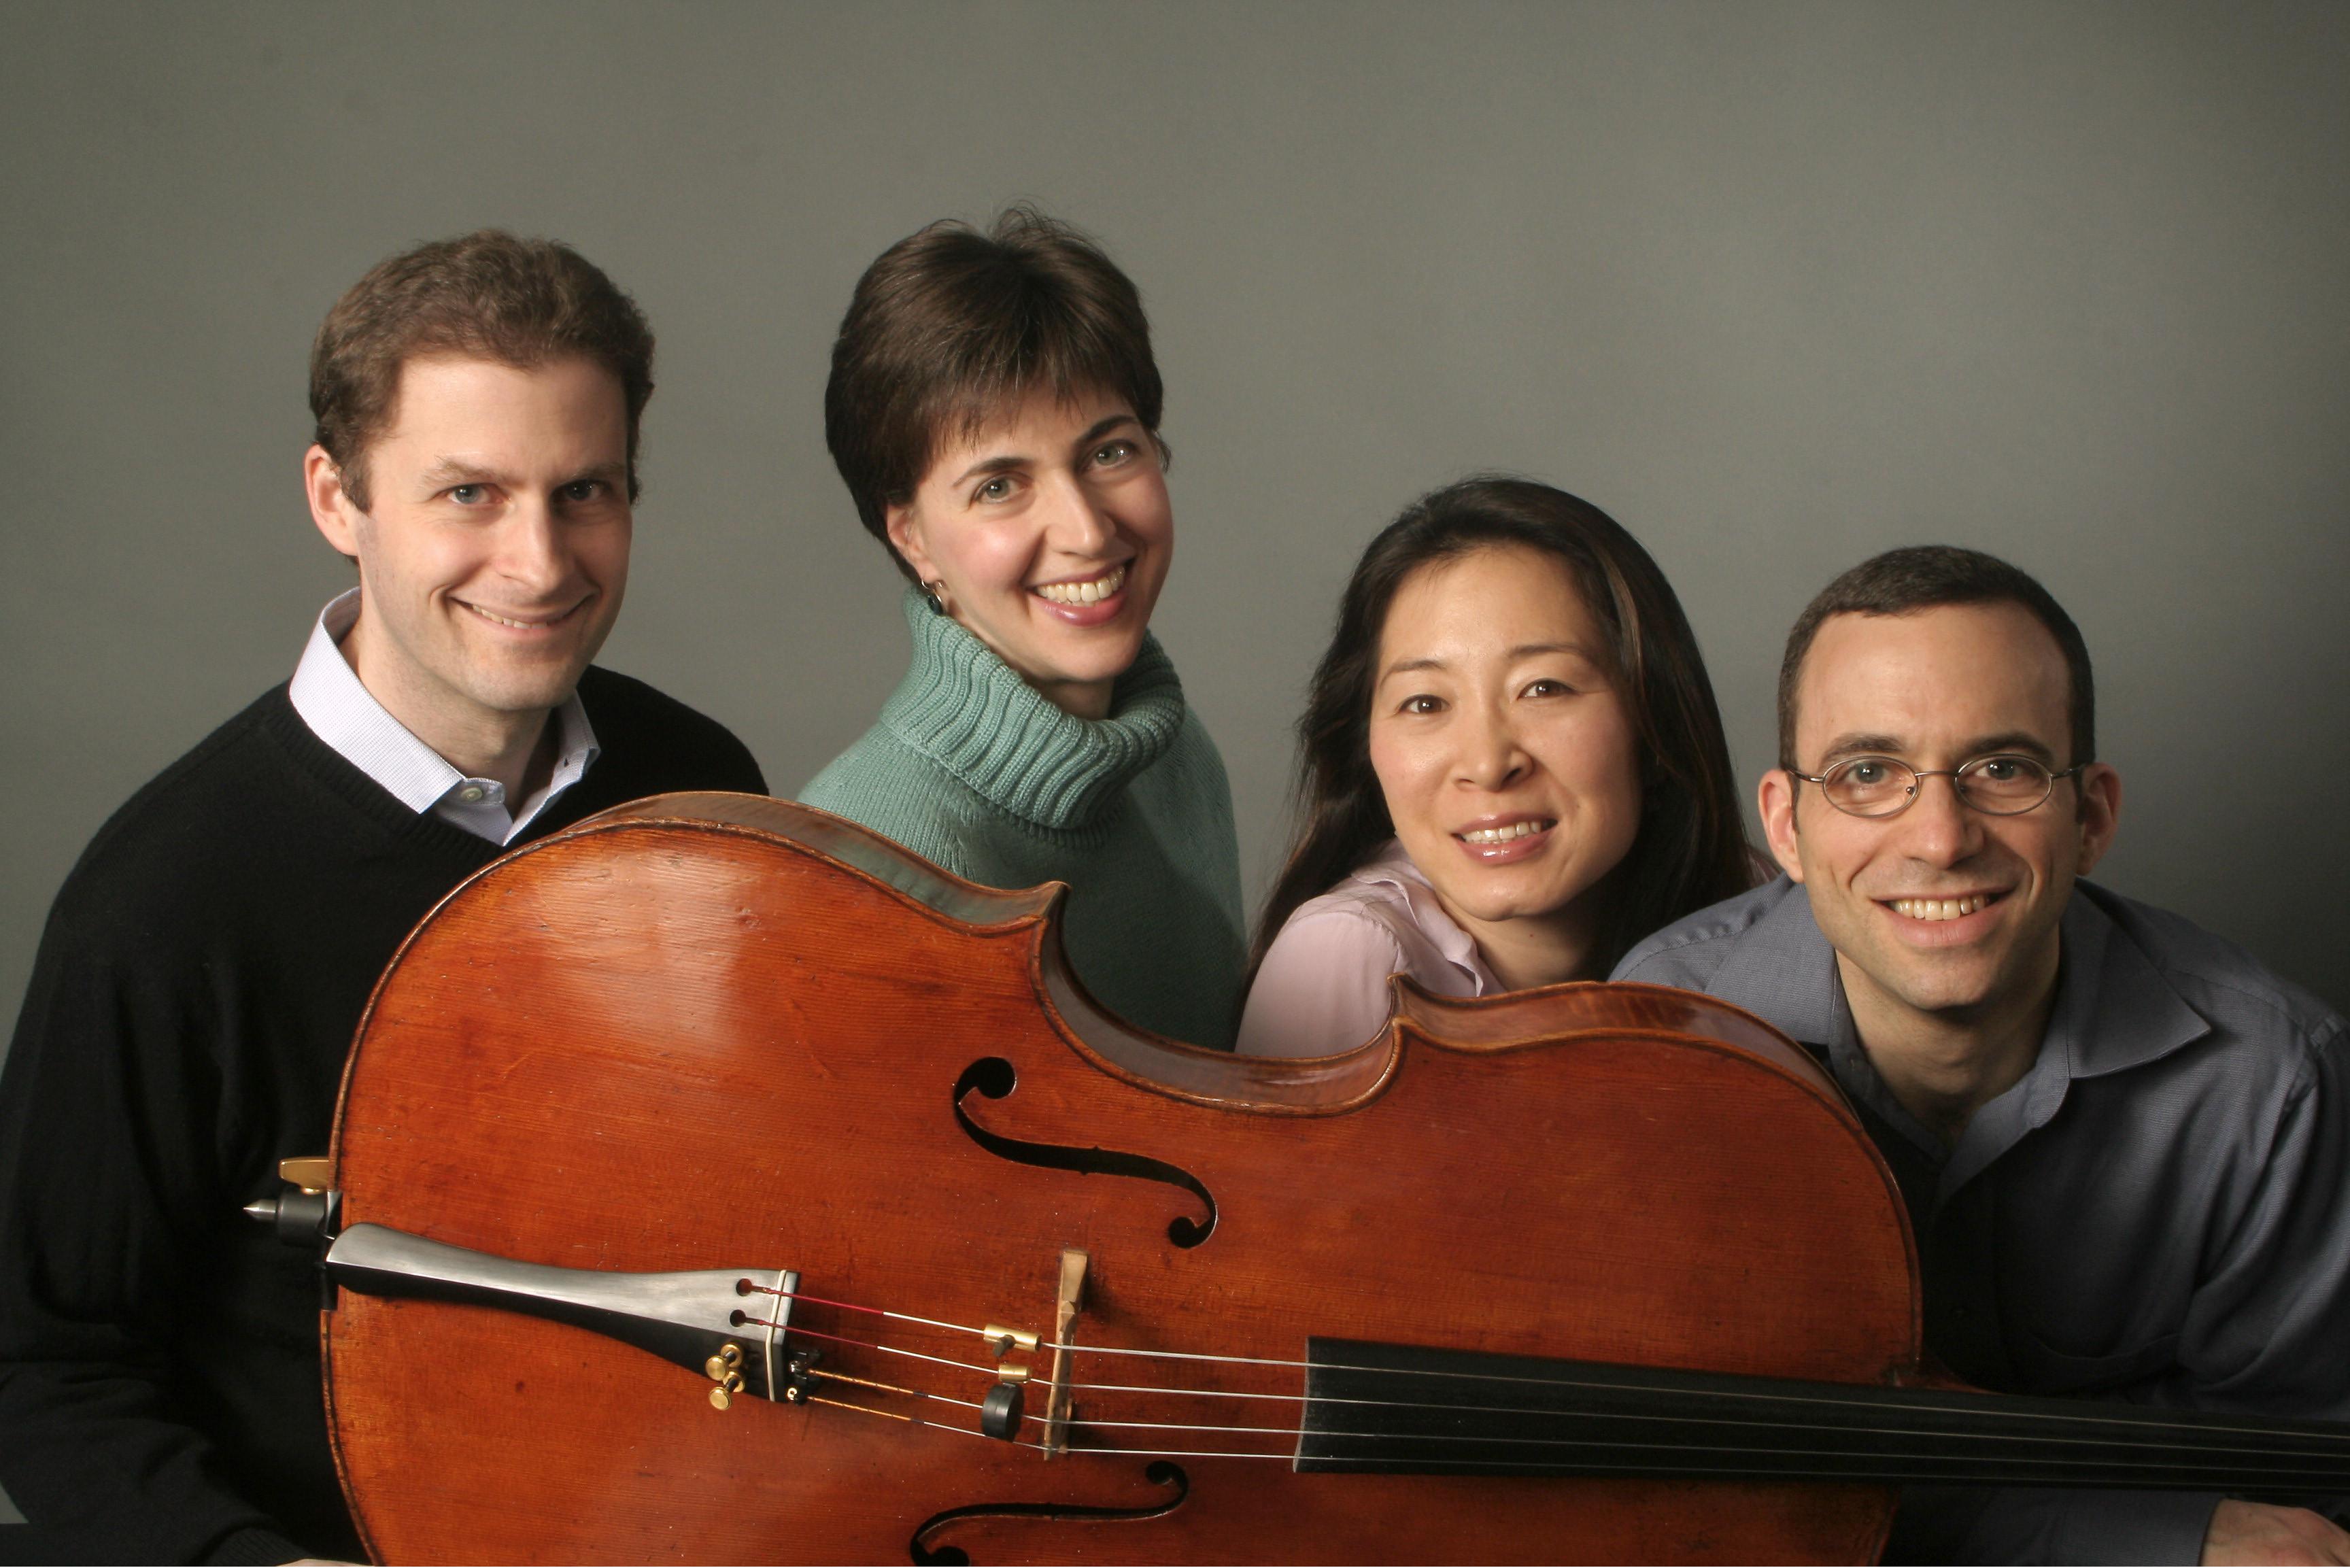 About the Brentano String QuartetBrentano Quartet